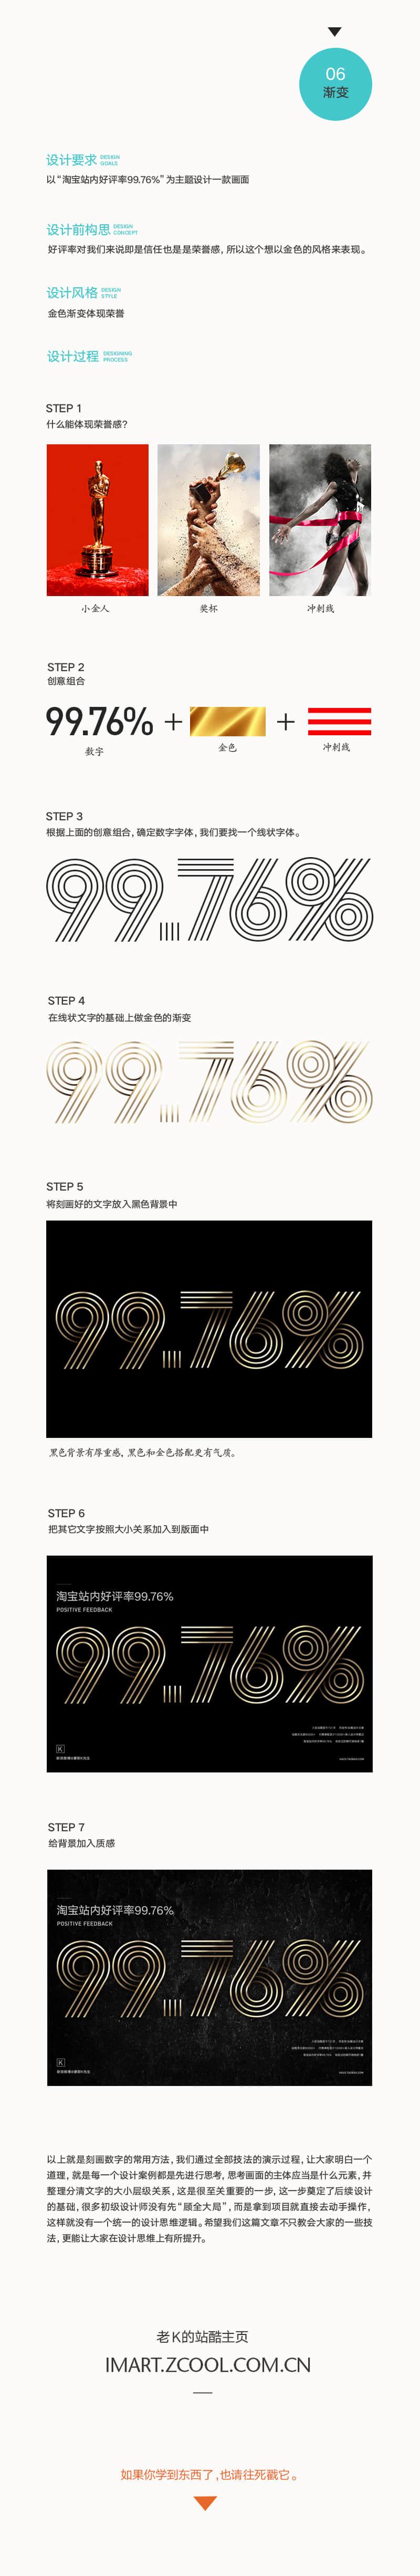 6种以数字为主体的平面设计方案参考